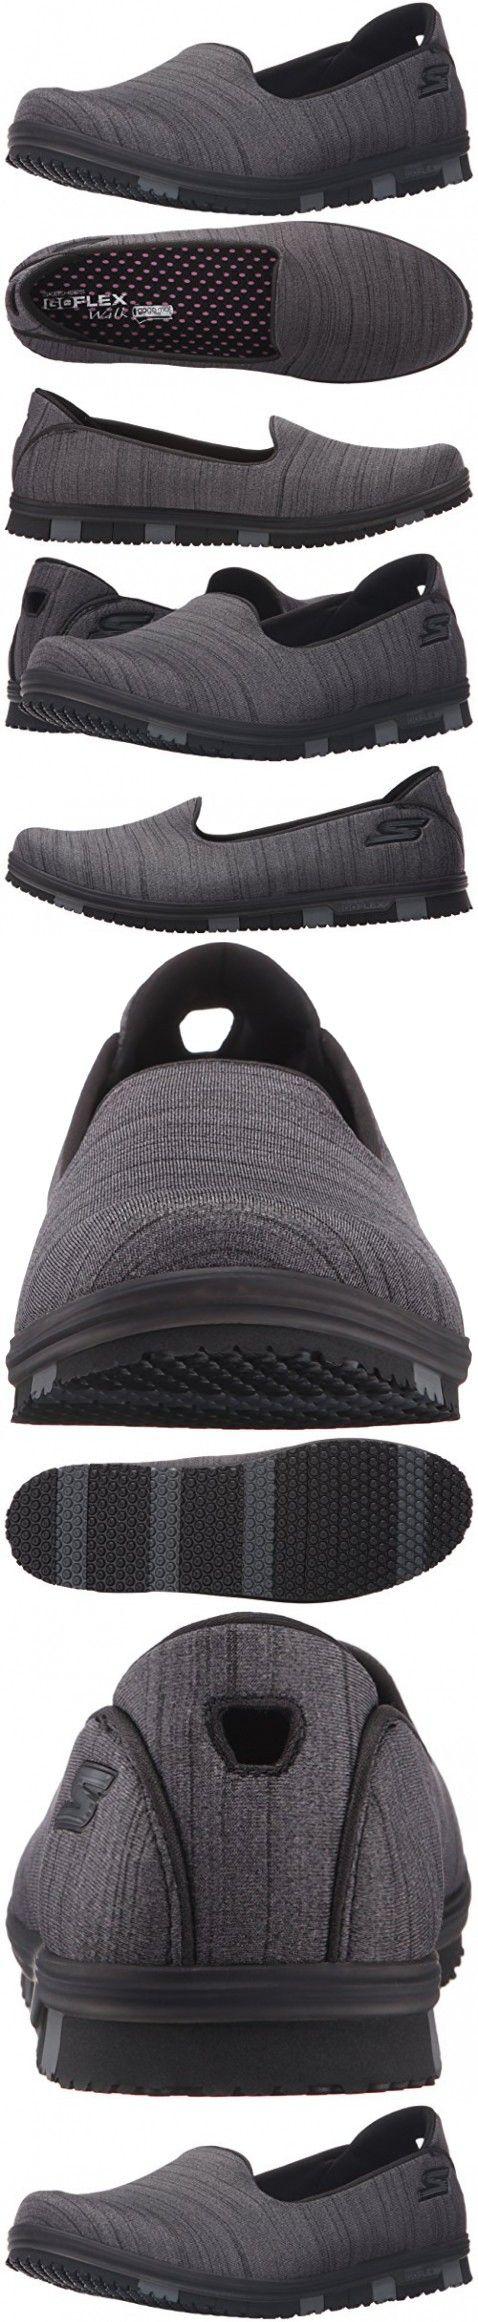 Skechers Go Step Snap Zapatos para Caminar de Las mujeres-Navy-36.5 BRxHLcBG